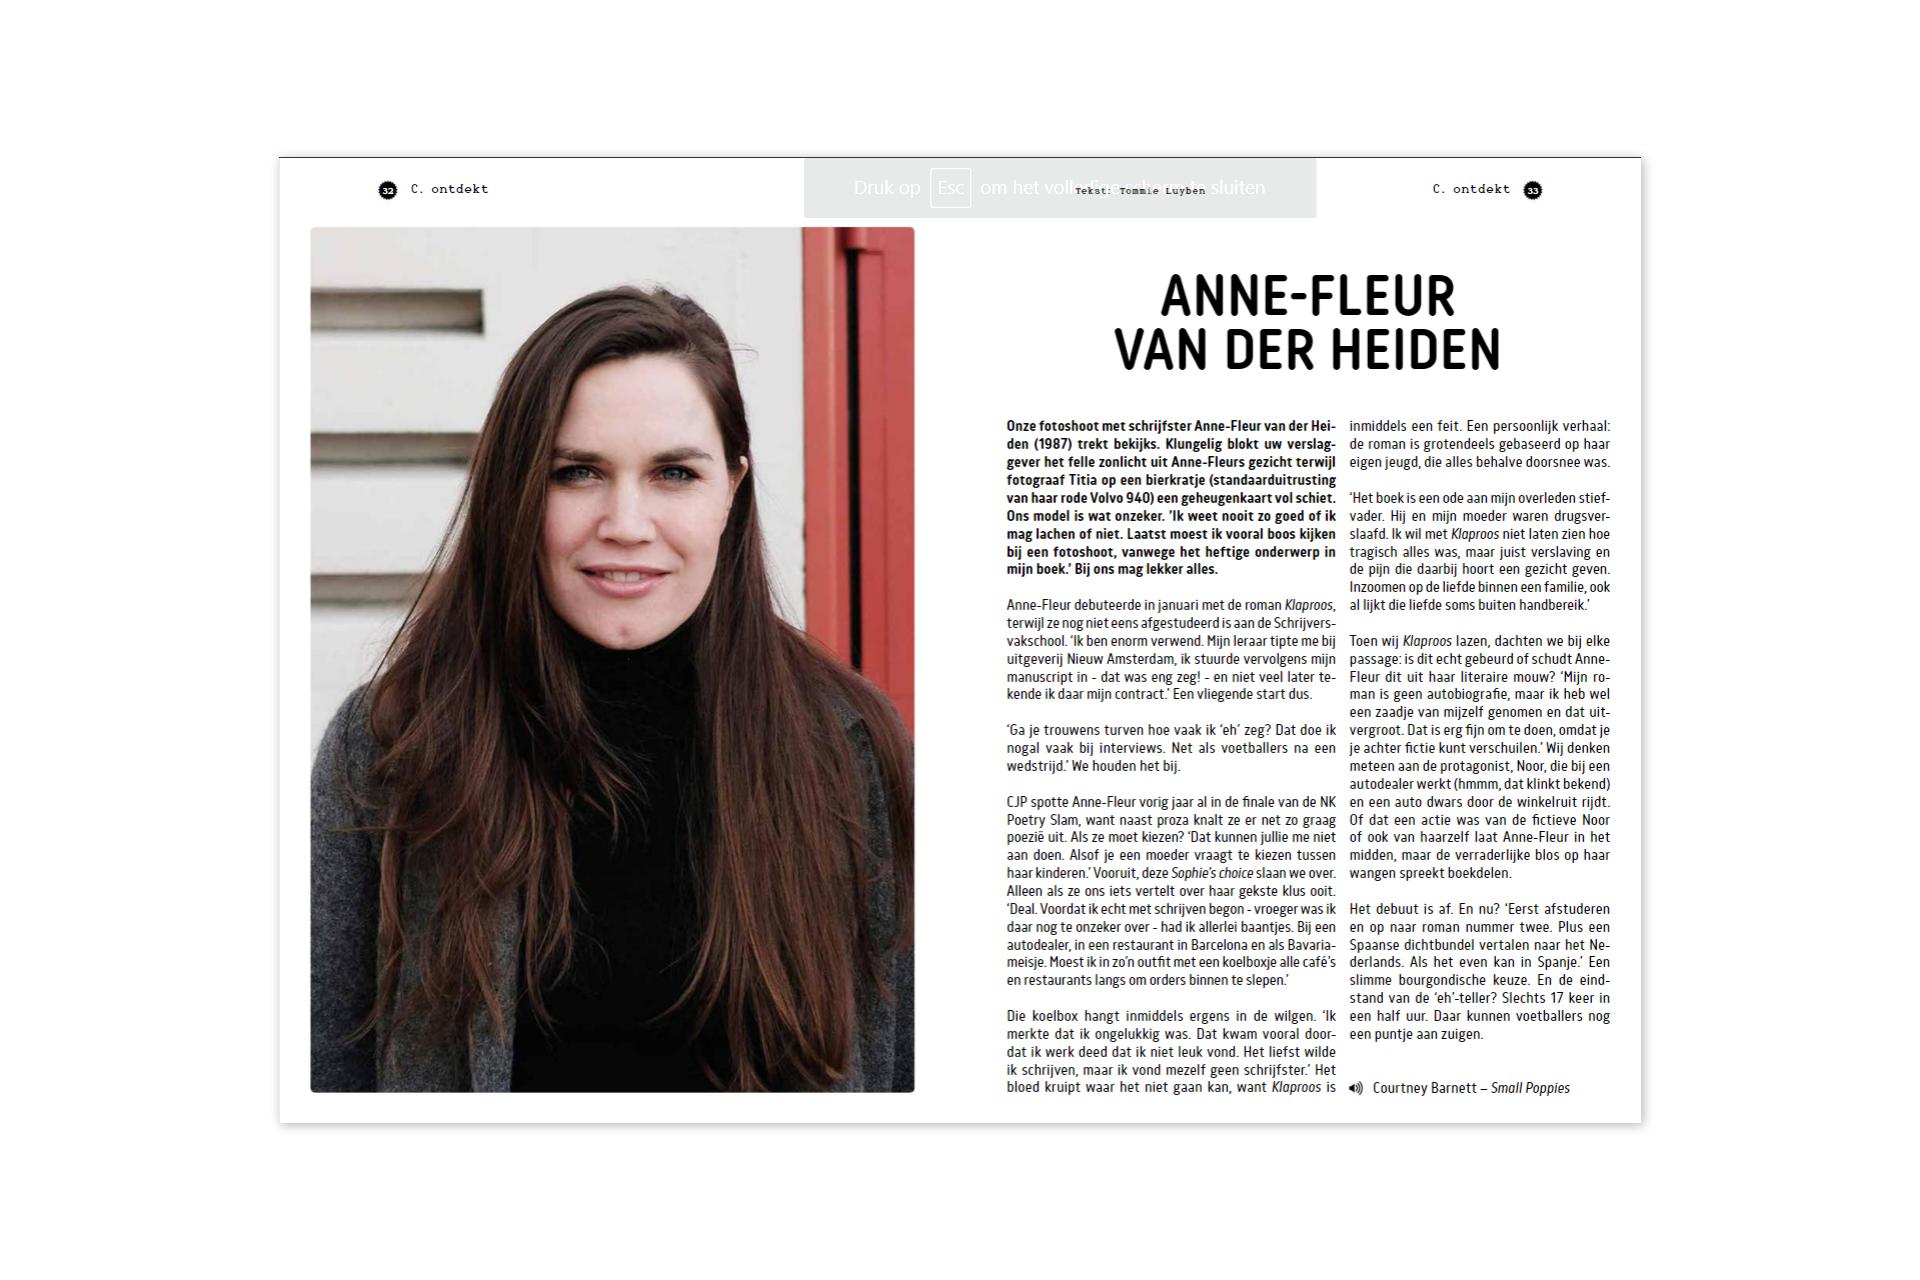 CJP - Anne-Fleur van der Heiden - Klaproos - roman